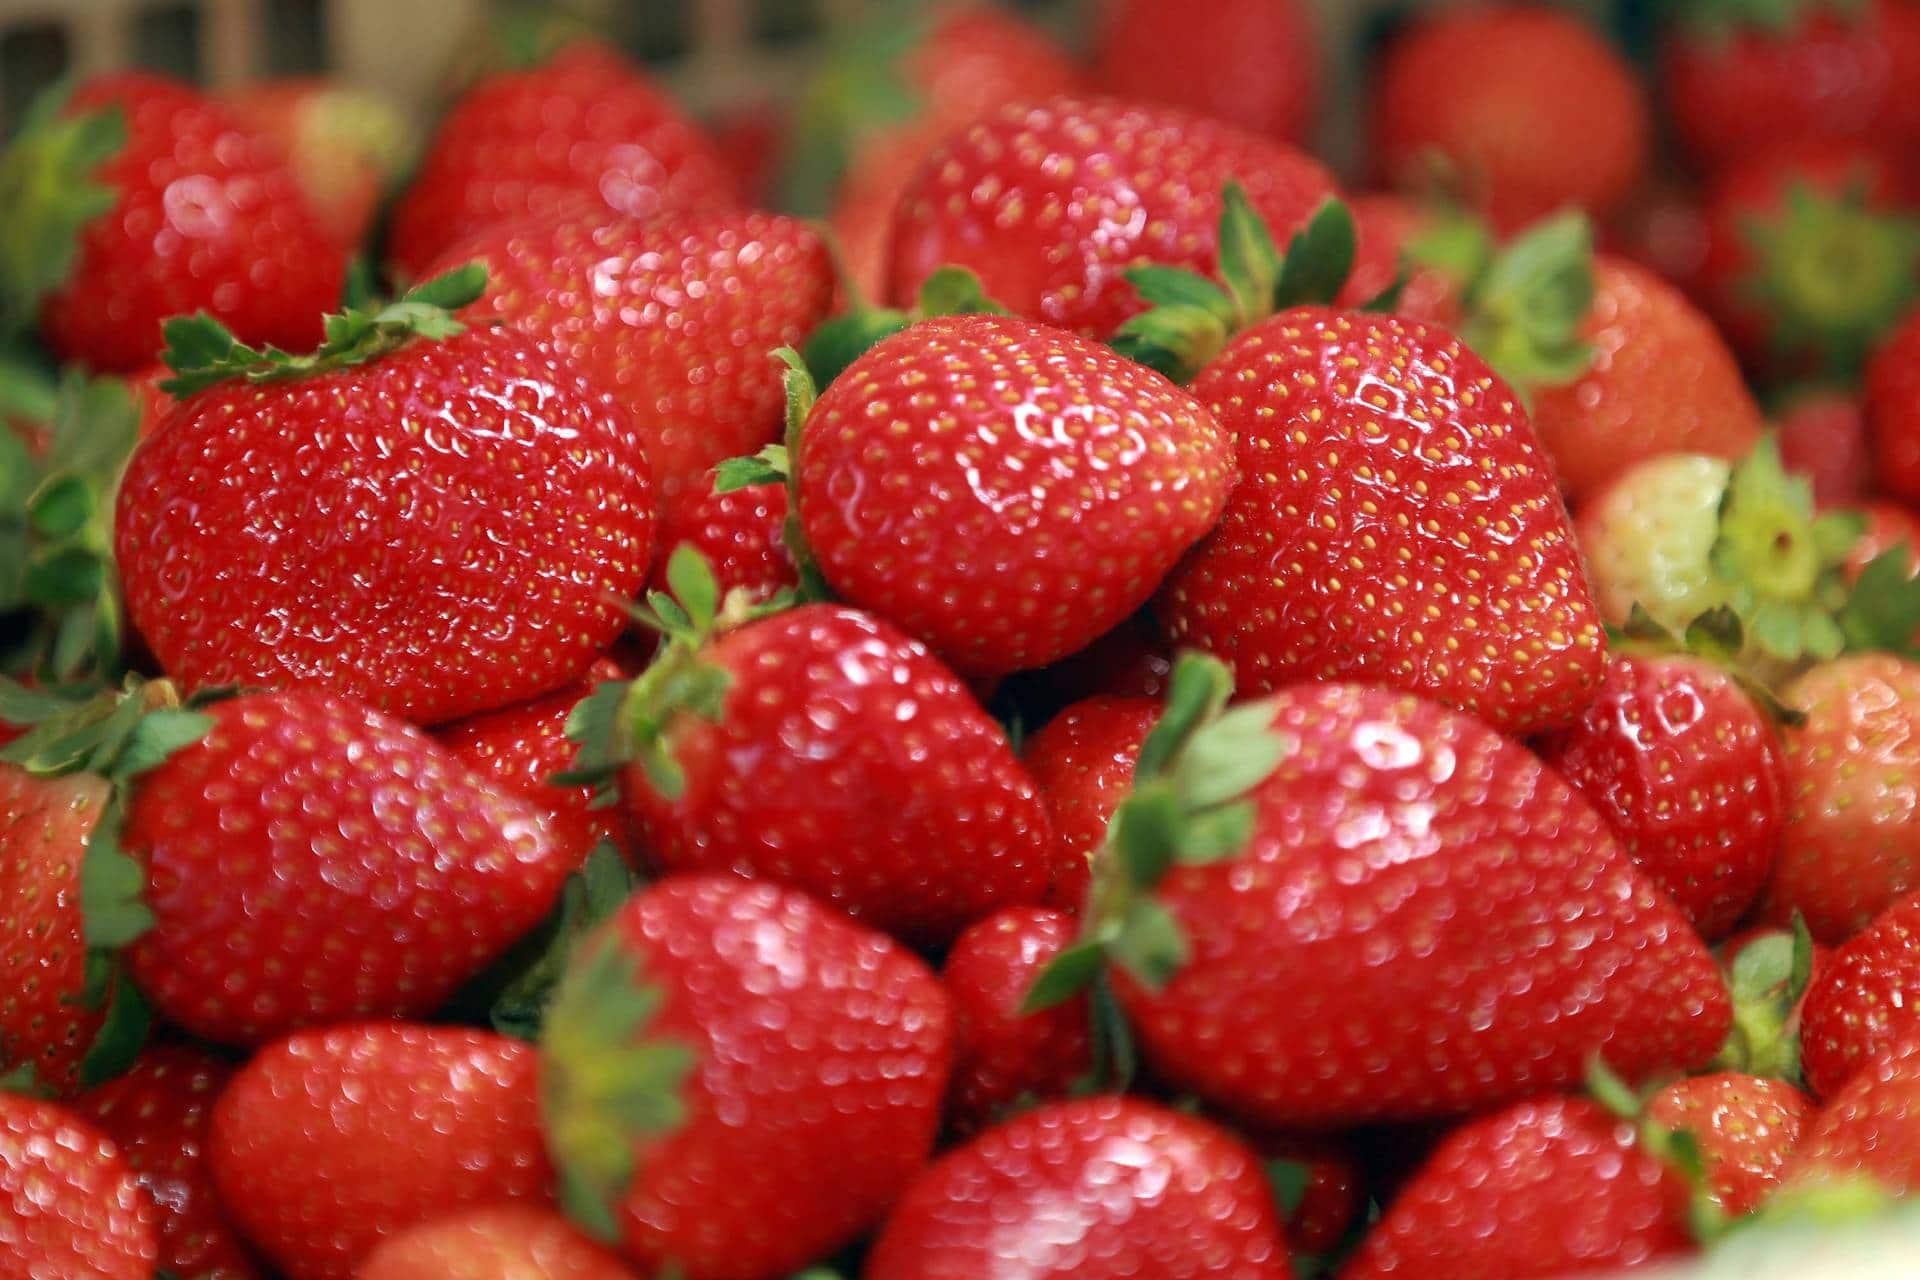 60 mil caixas de morango são vendidos por produtores na feira do Morango em Brazlândia